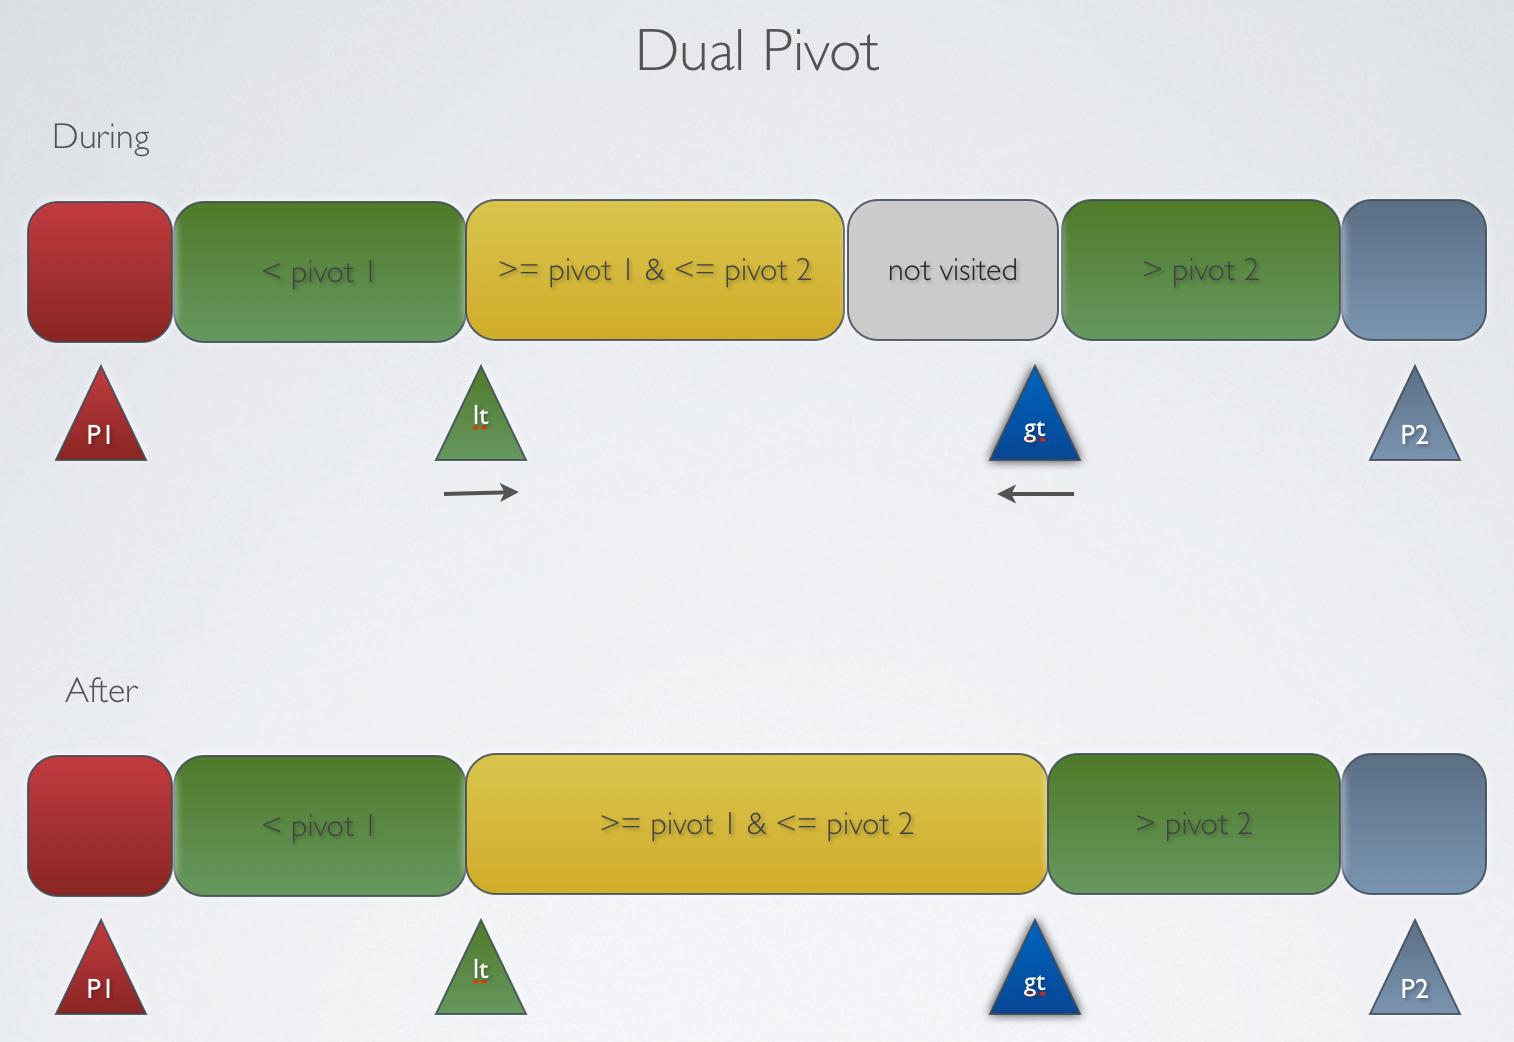 Dual Pivot